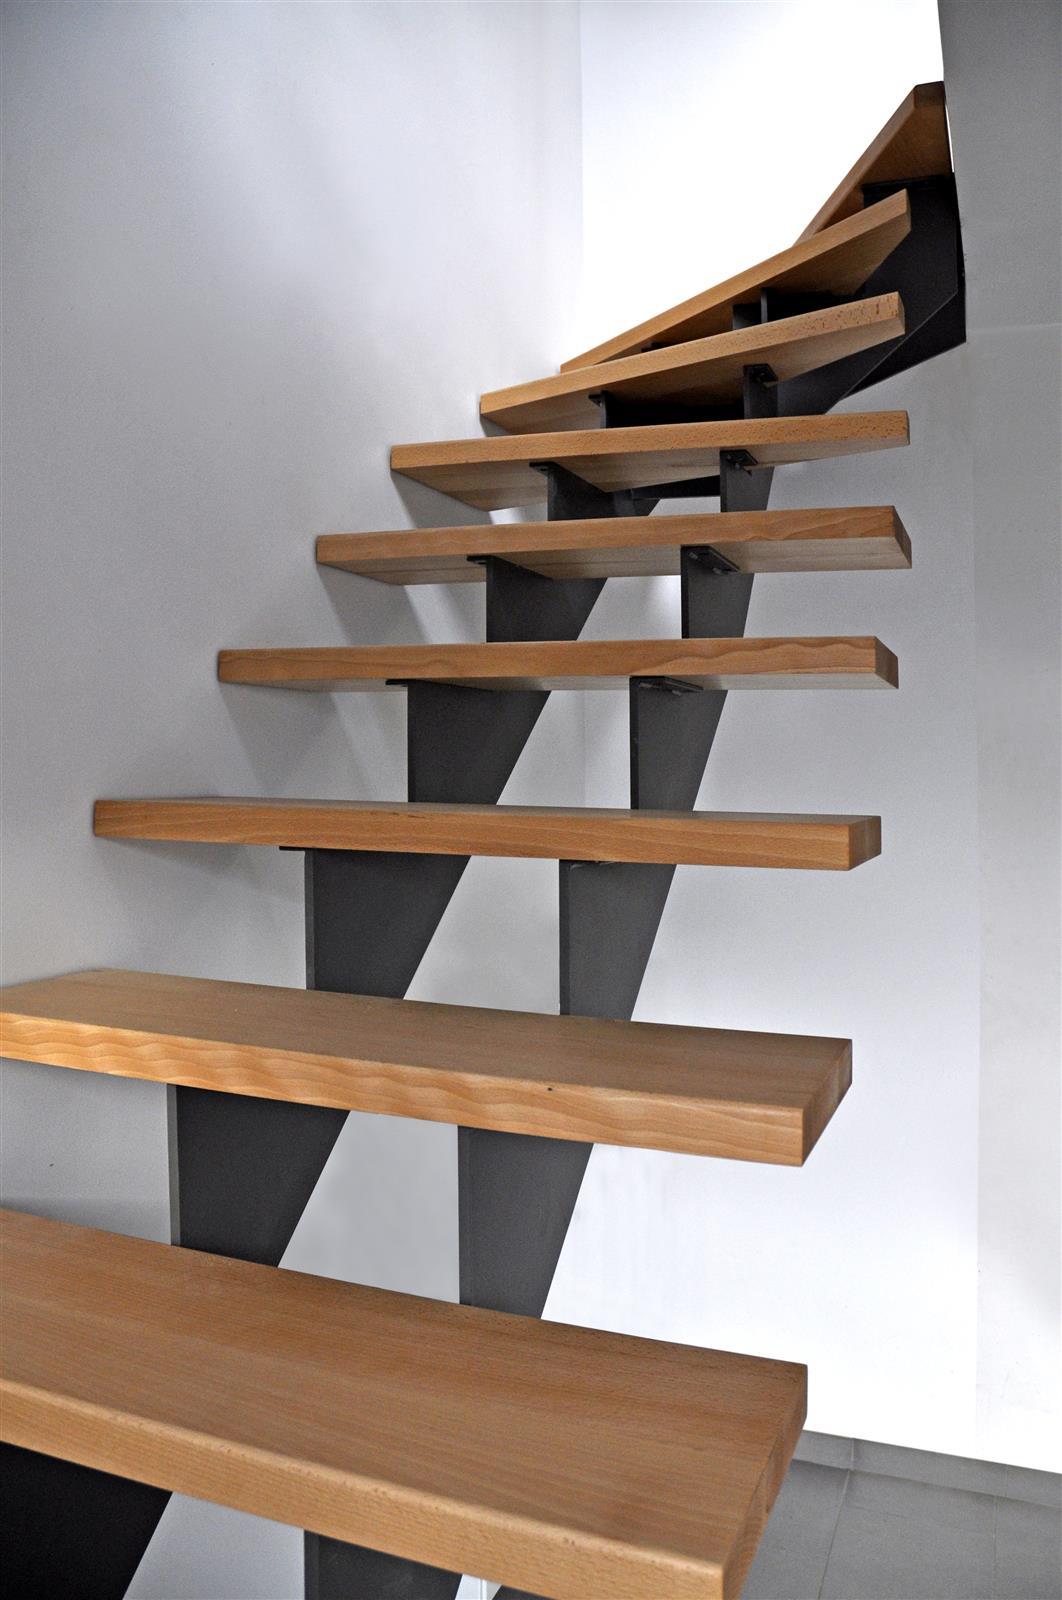 construction d 39 escaliers en bois sur li ge ets bertrand. Black Bedroom Furniture Sets. Home Design Ideas